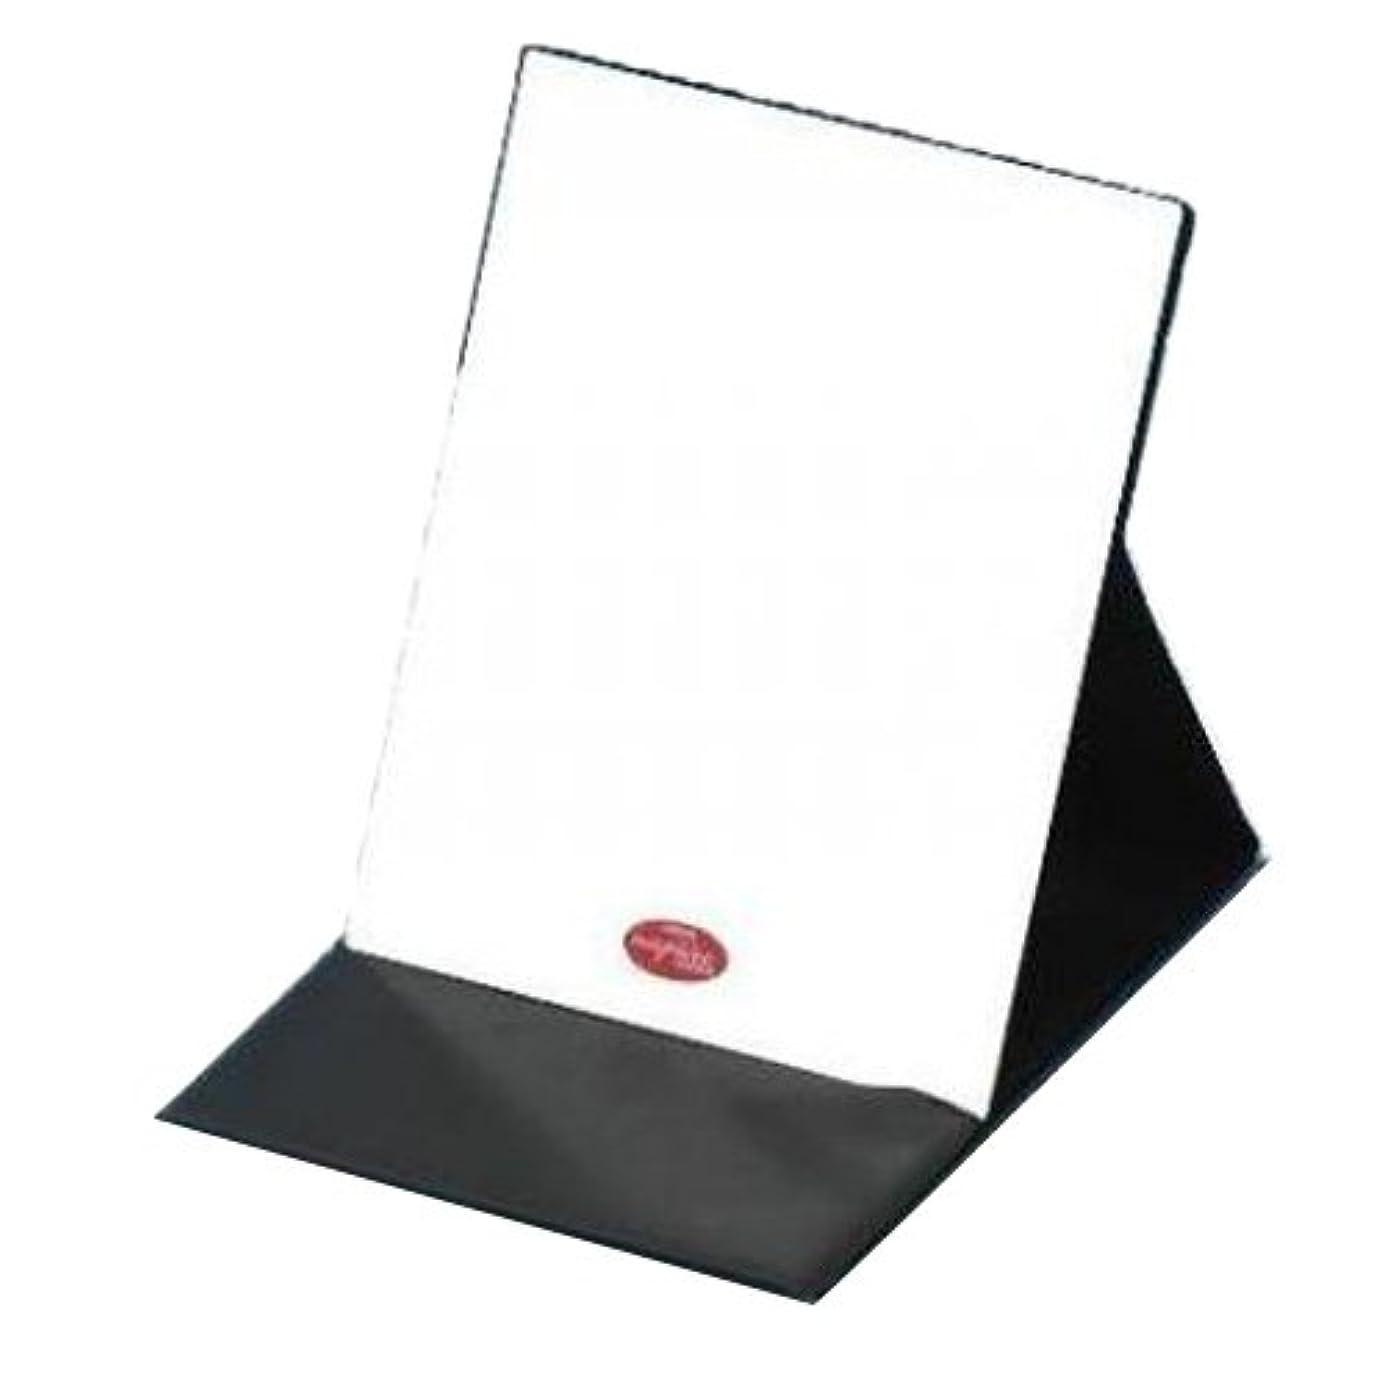 ライン震えミットHP-43 ナピュア プロモデル拡大鏡付き折立ミラー(L)